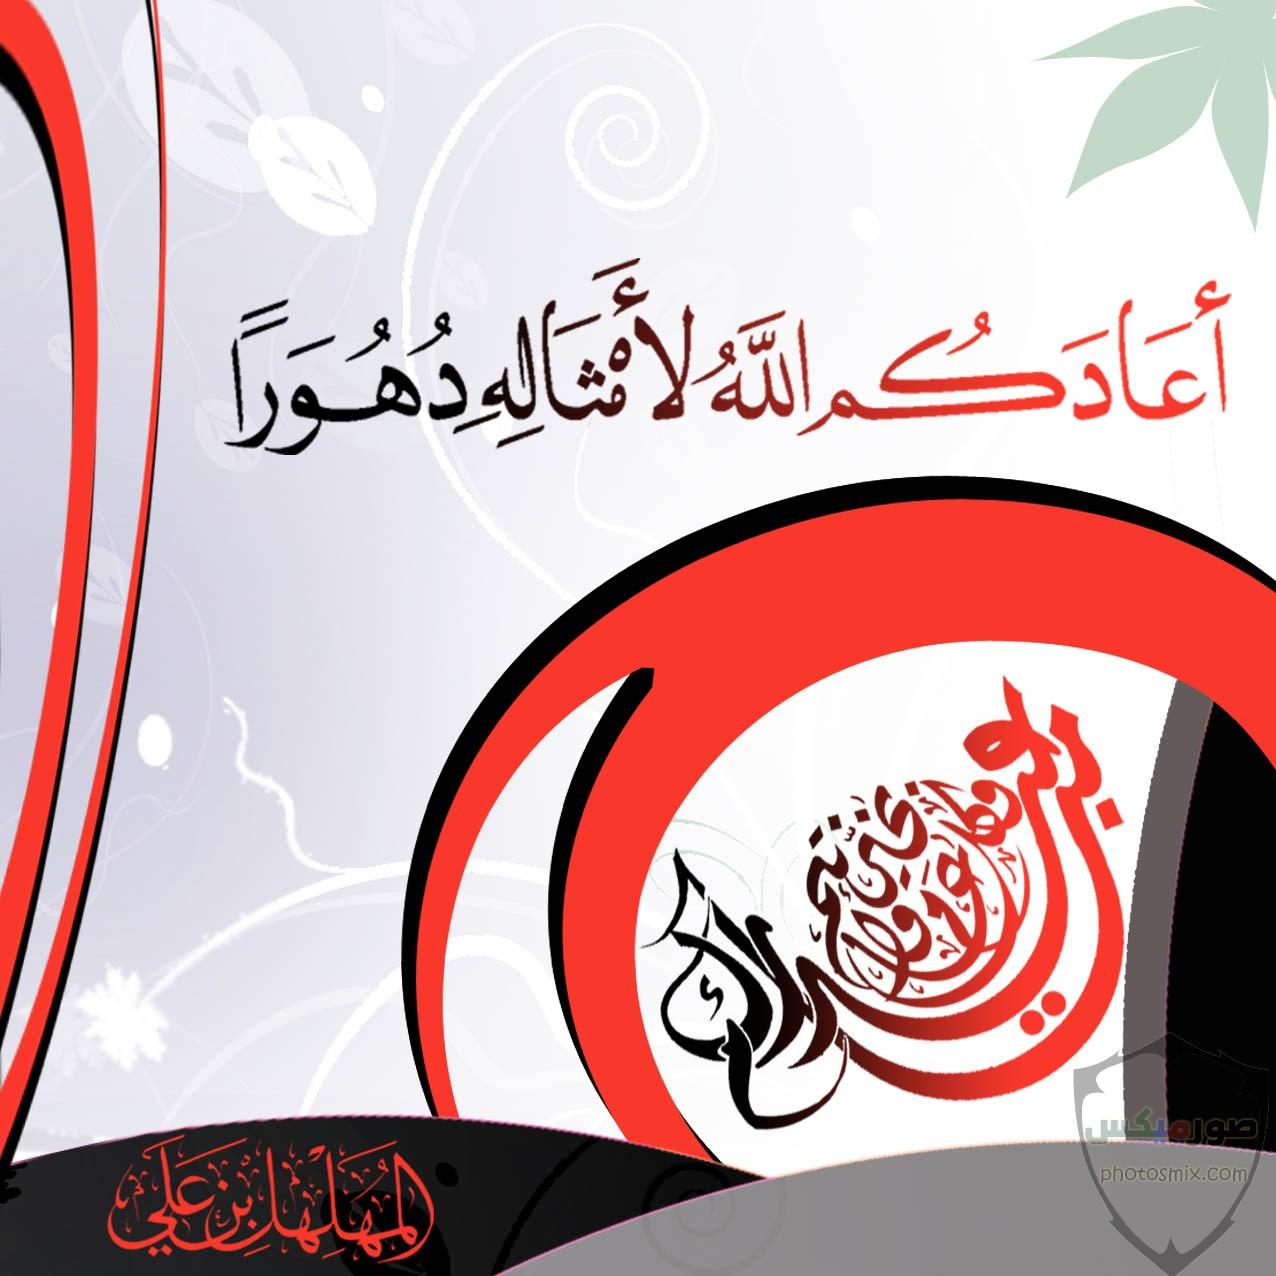 مظاهر الاحتفال بعيد الفطر 6 1